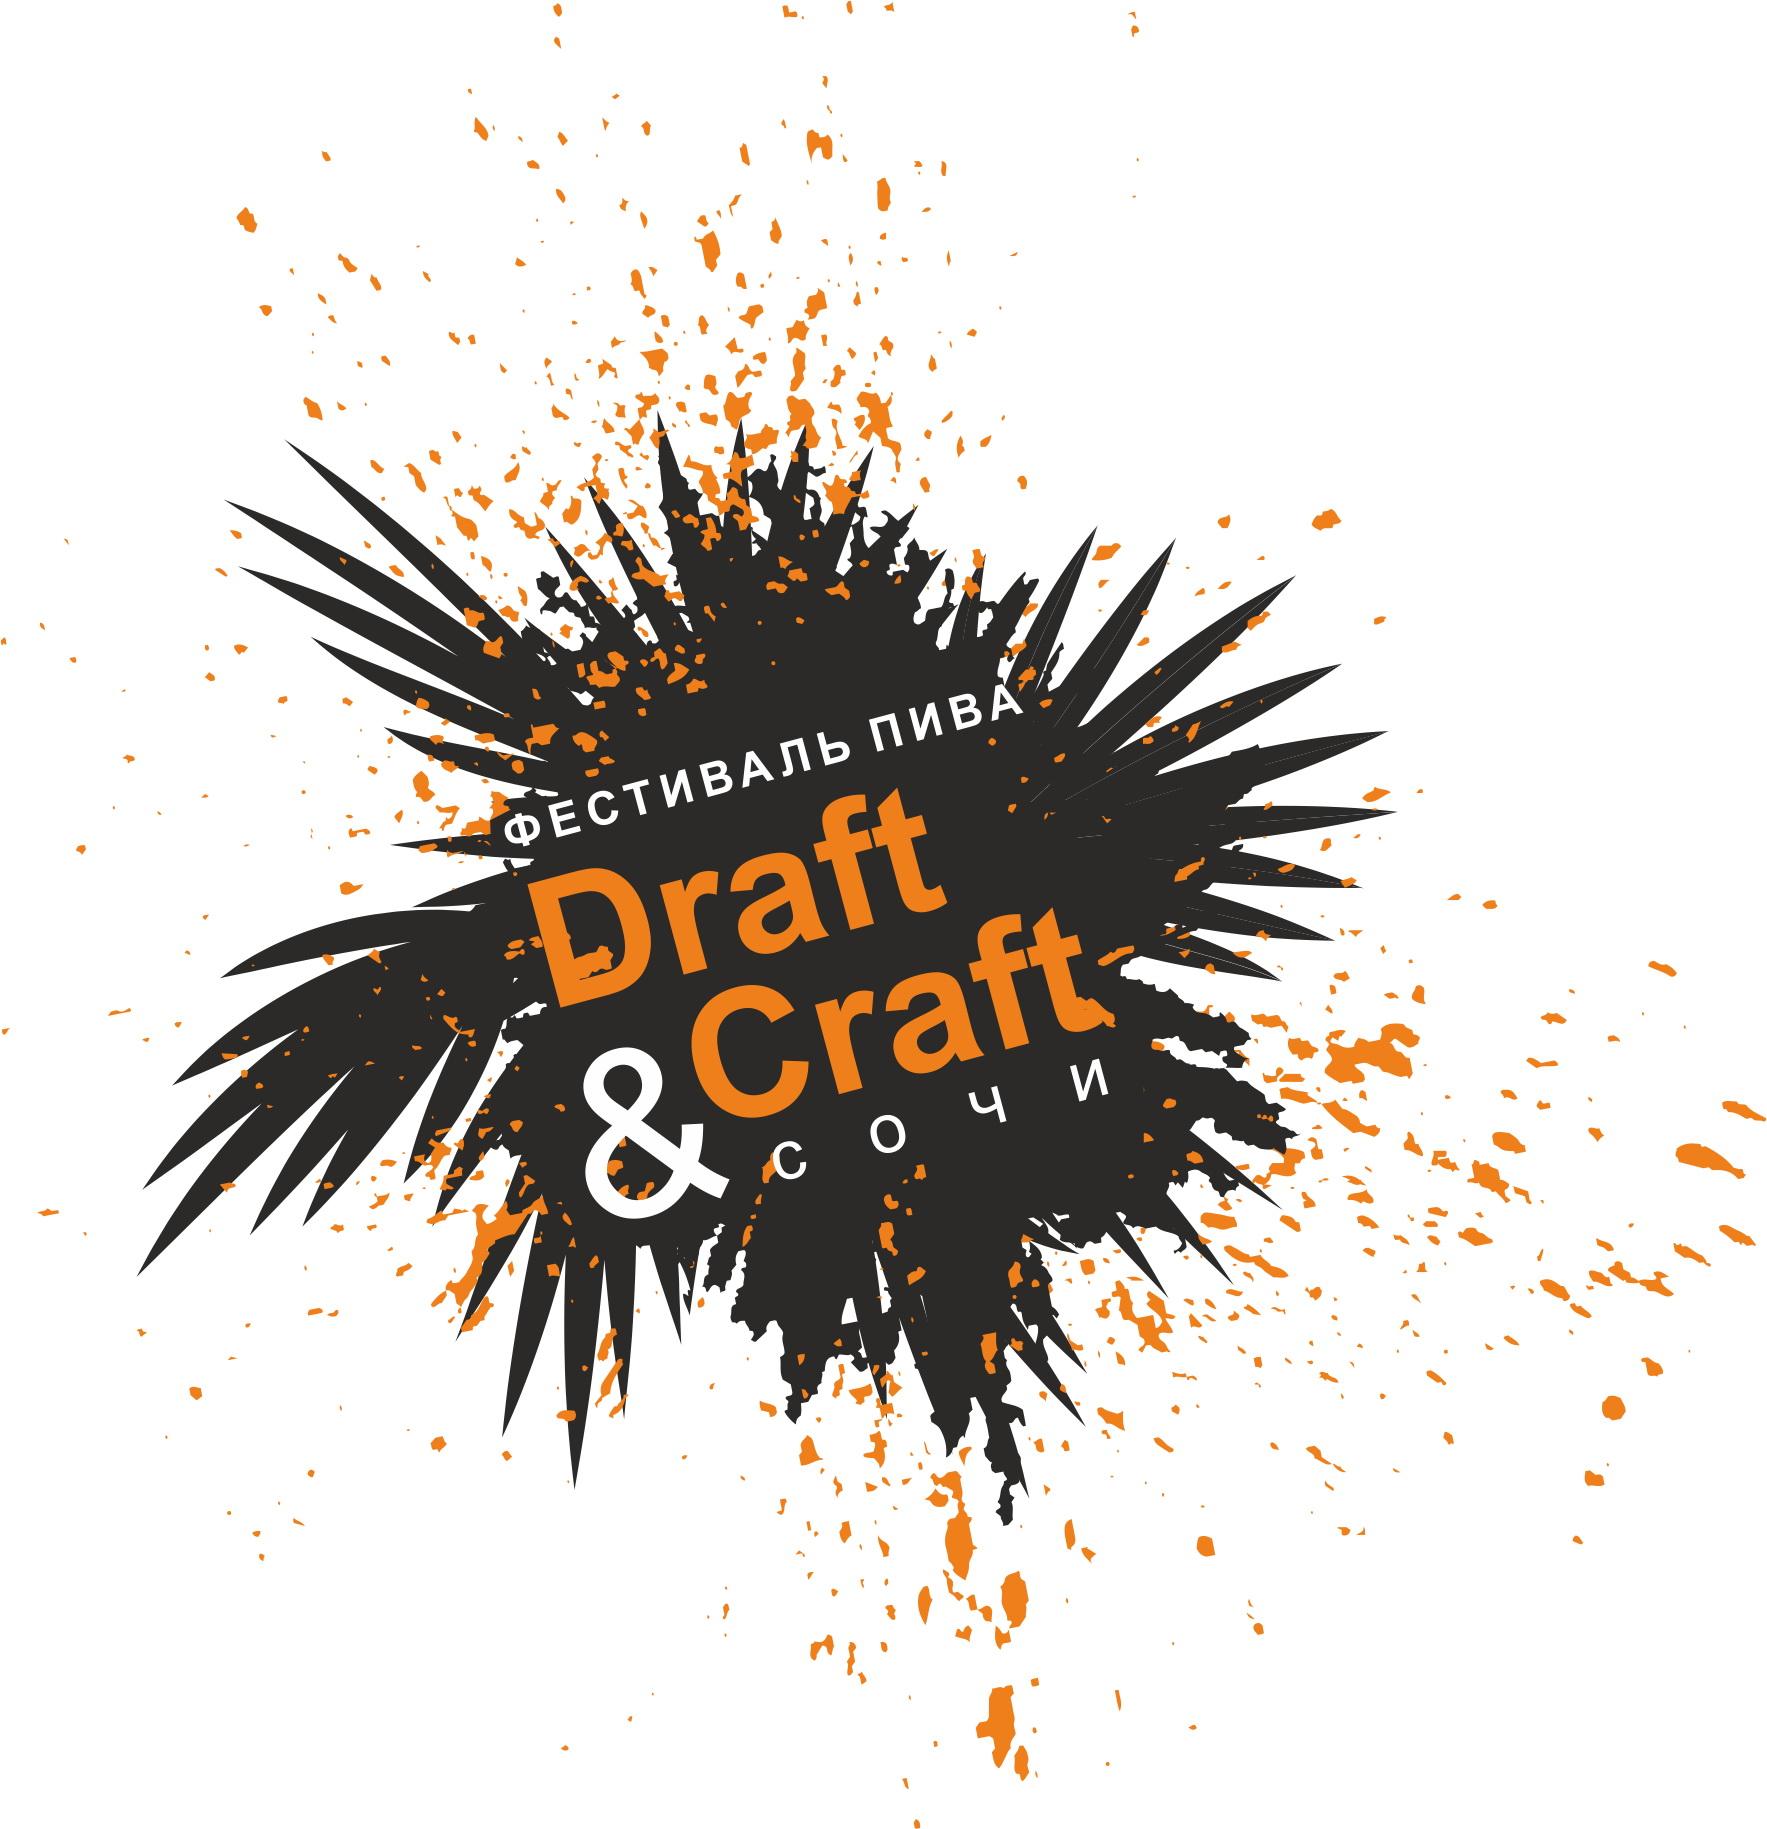 Фестиваль Пива – «Draft & Craft» в Сочи